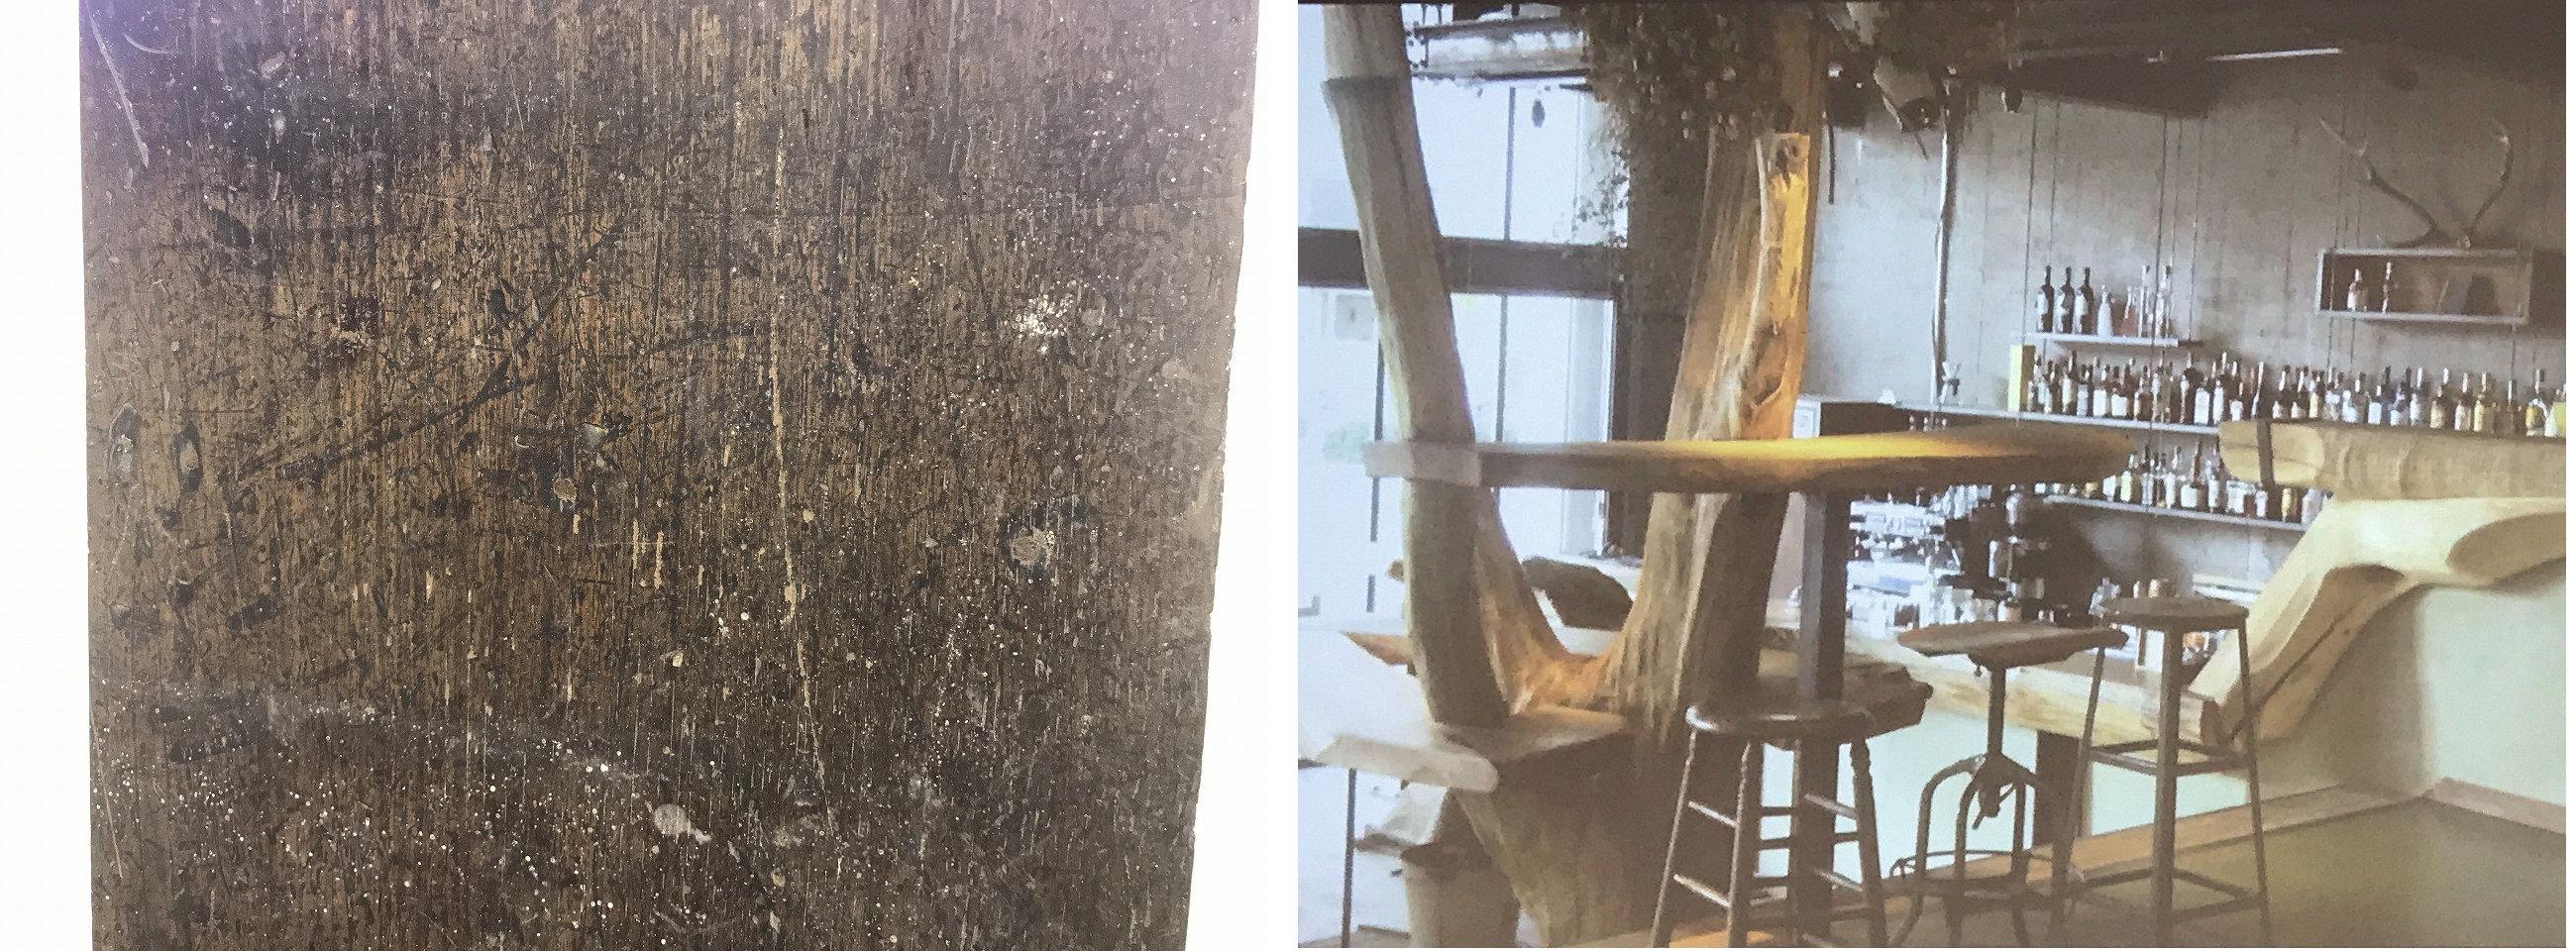 古い建物に使われていた木材(左)。古材をデザインに取り入れた東京・台東区のゲストハウス「Nui.HOSTEL & BAR LOUNGE」(左写真:家入龍太、右写真:東野唯史氏)